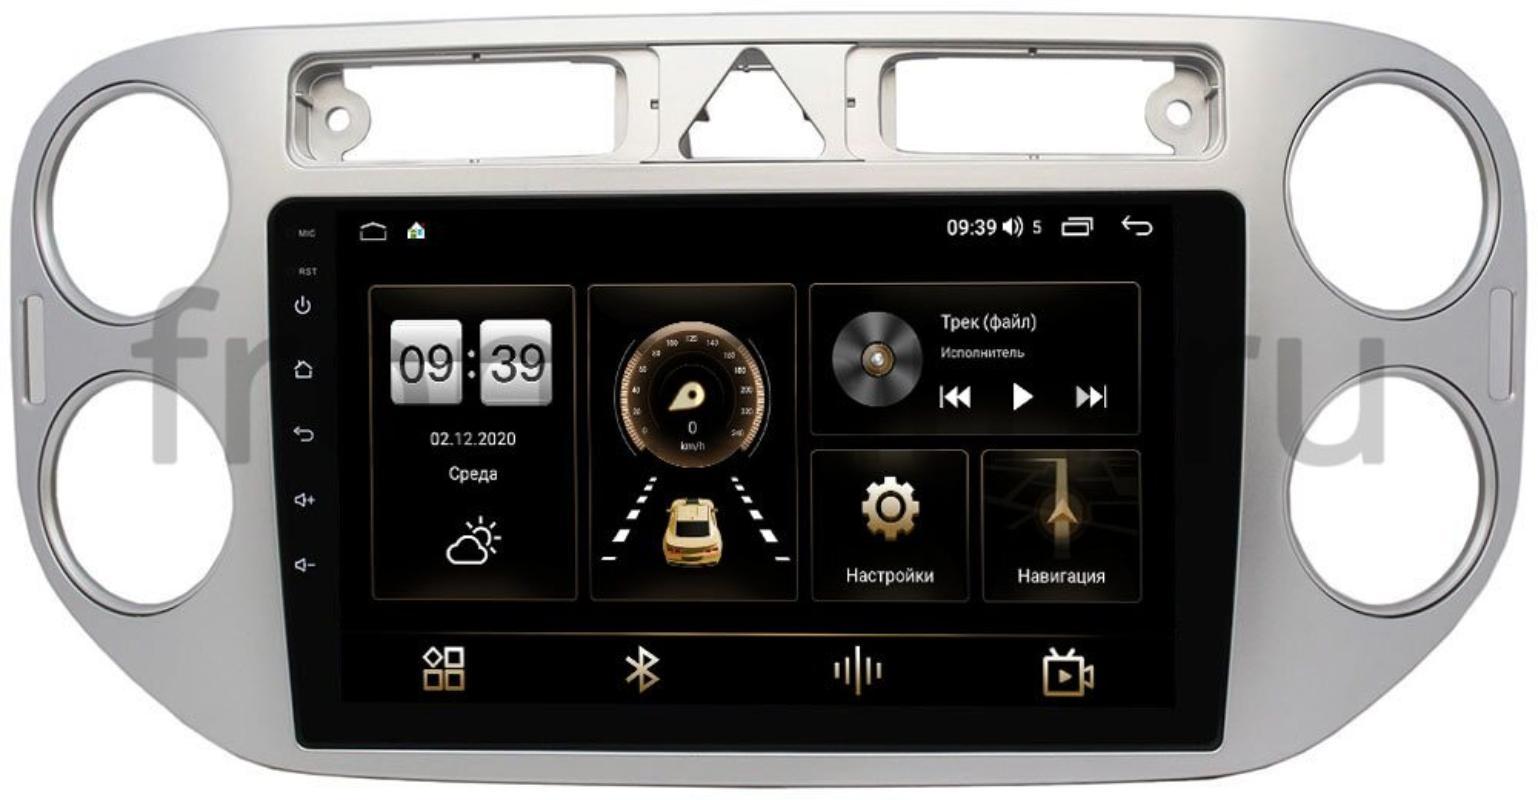 Штатная магнитола LeTrun 3792-9048 для Volkswagen Tiguan 2007-2011, Golf Plus 2004-2014 на Android 10 (4/64, DSP, QLed) С оптическим выходом (+ Камера заднего вида в подарок!)